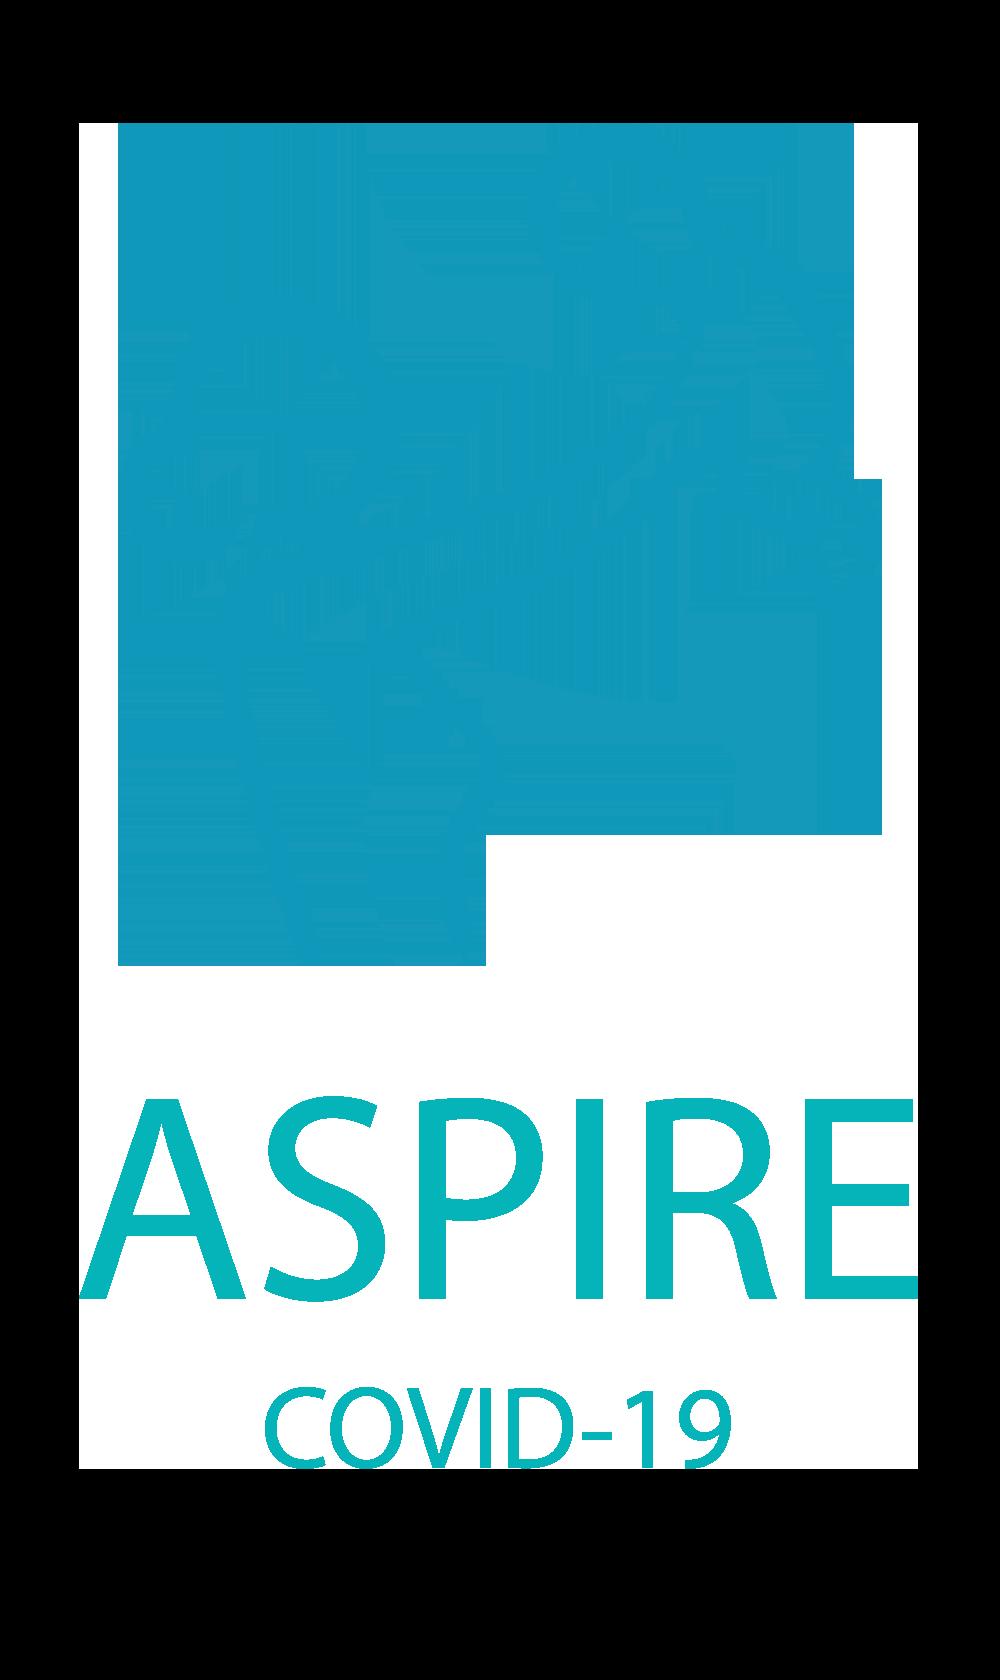 ASPIRE Covid-19